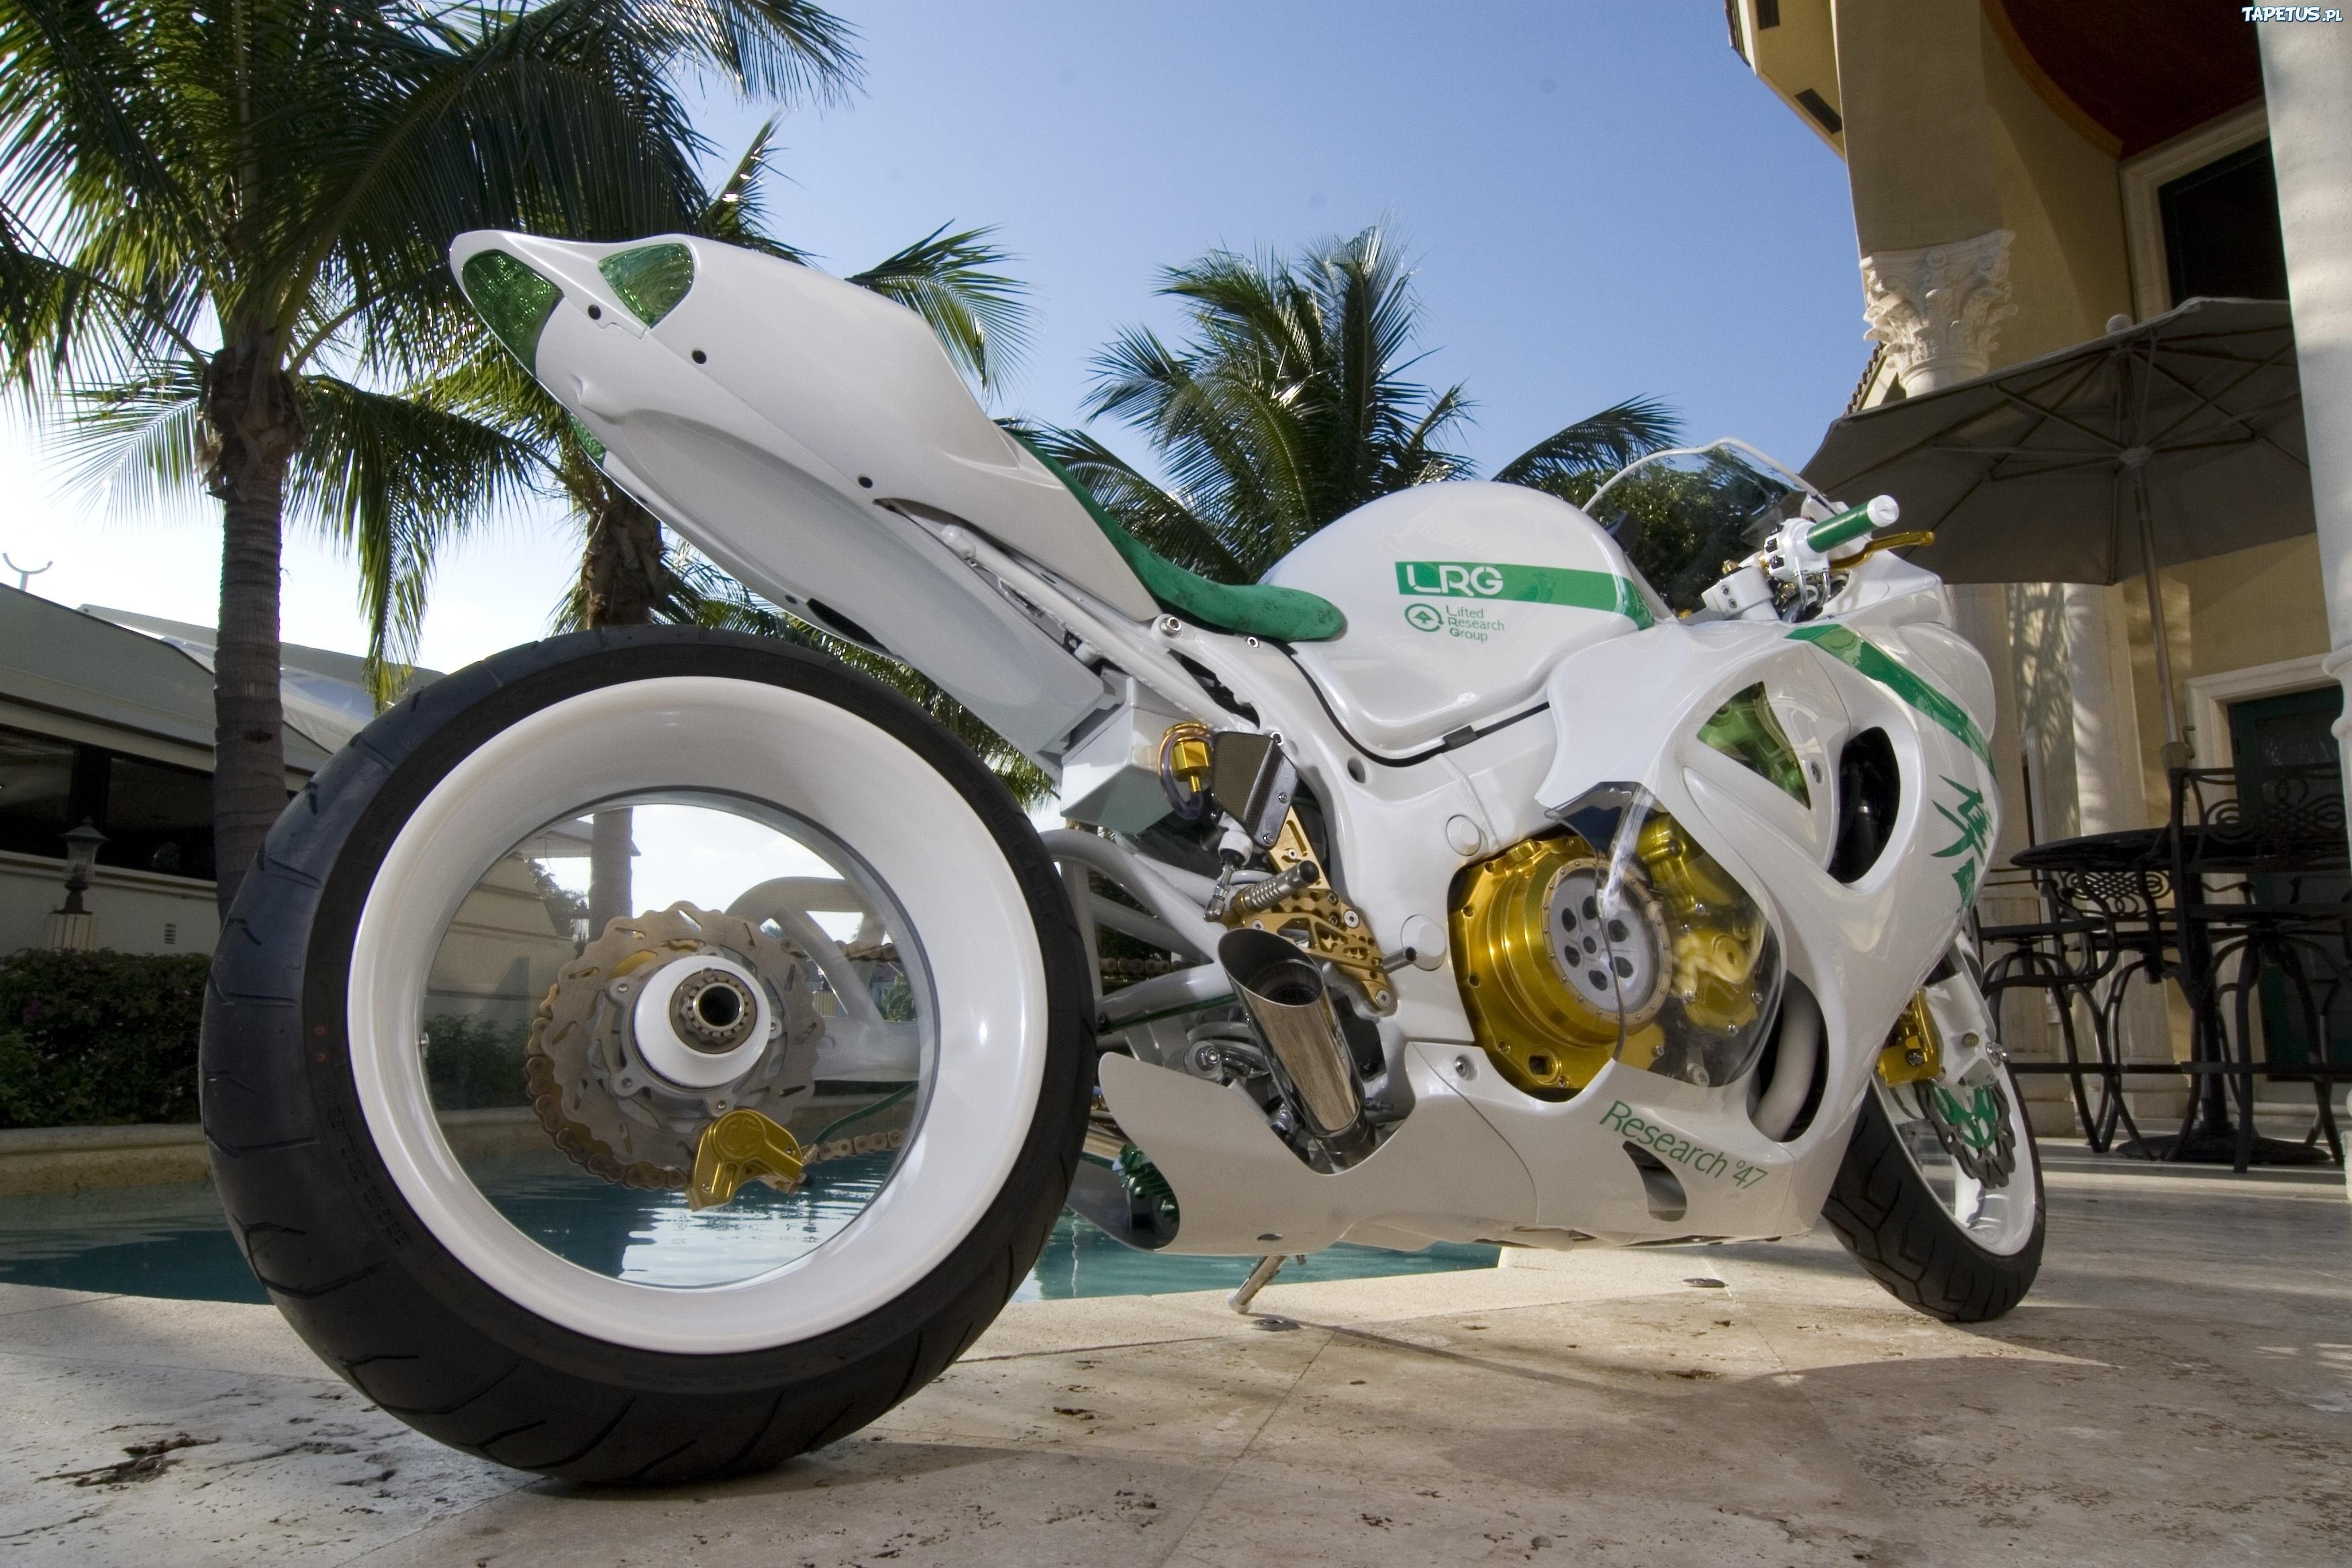 128438 suzuki Hayabusa 1300 likewise Watch furthermore 99321 Gsxr1300 Kawasaki Zx14 Gen2 Busa Custom Busa Gsxr1000 Chromed Chrome Hayabusa R1 in addition Motorcycles Honda GROM 125 2014 Lexington NC 3399e482 4f31 4a99 Ba3e A5ed00f21737 further 240 S s s  Zx14. on custom kawasaki zx14